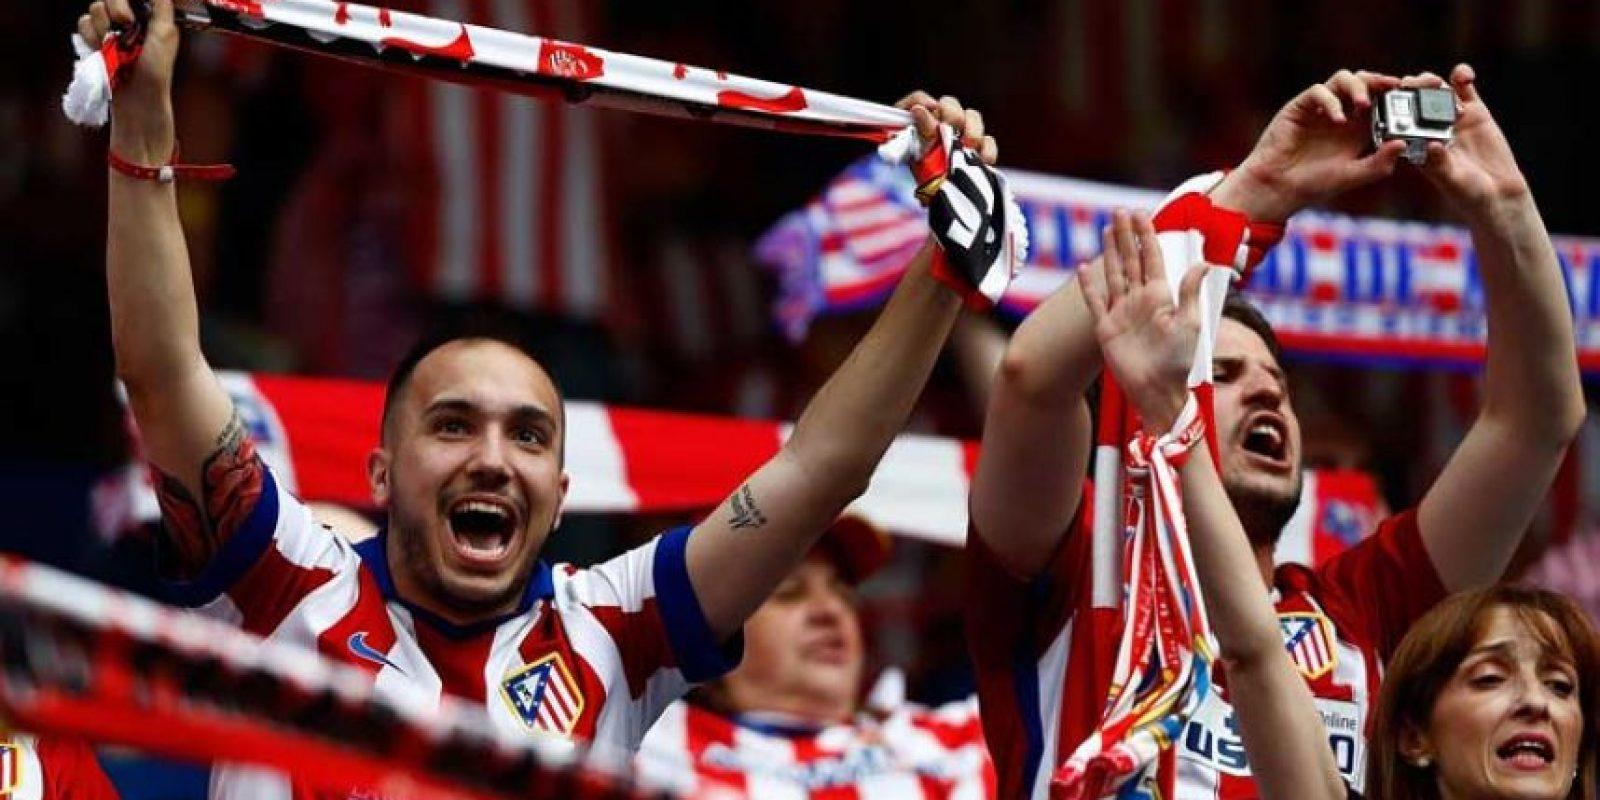 ¡Listos para gritar los goles de su equipo! Foto:Getty Images